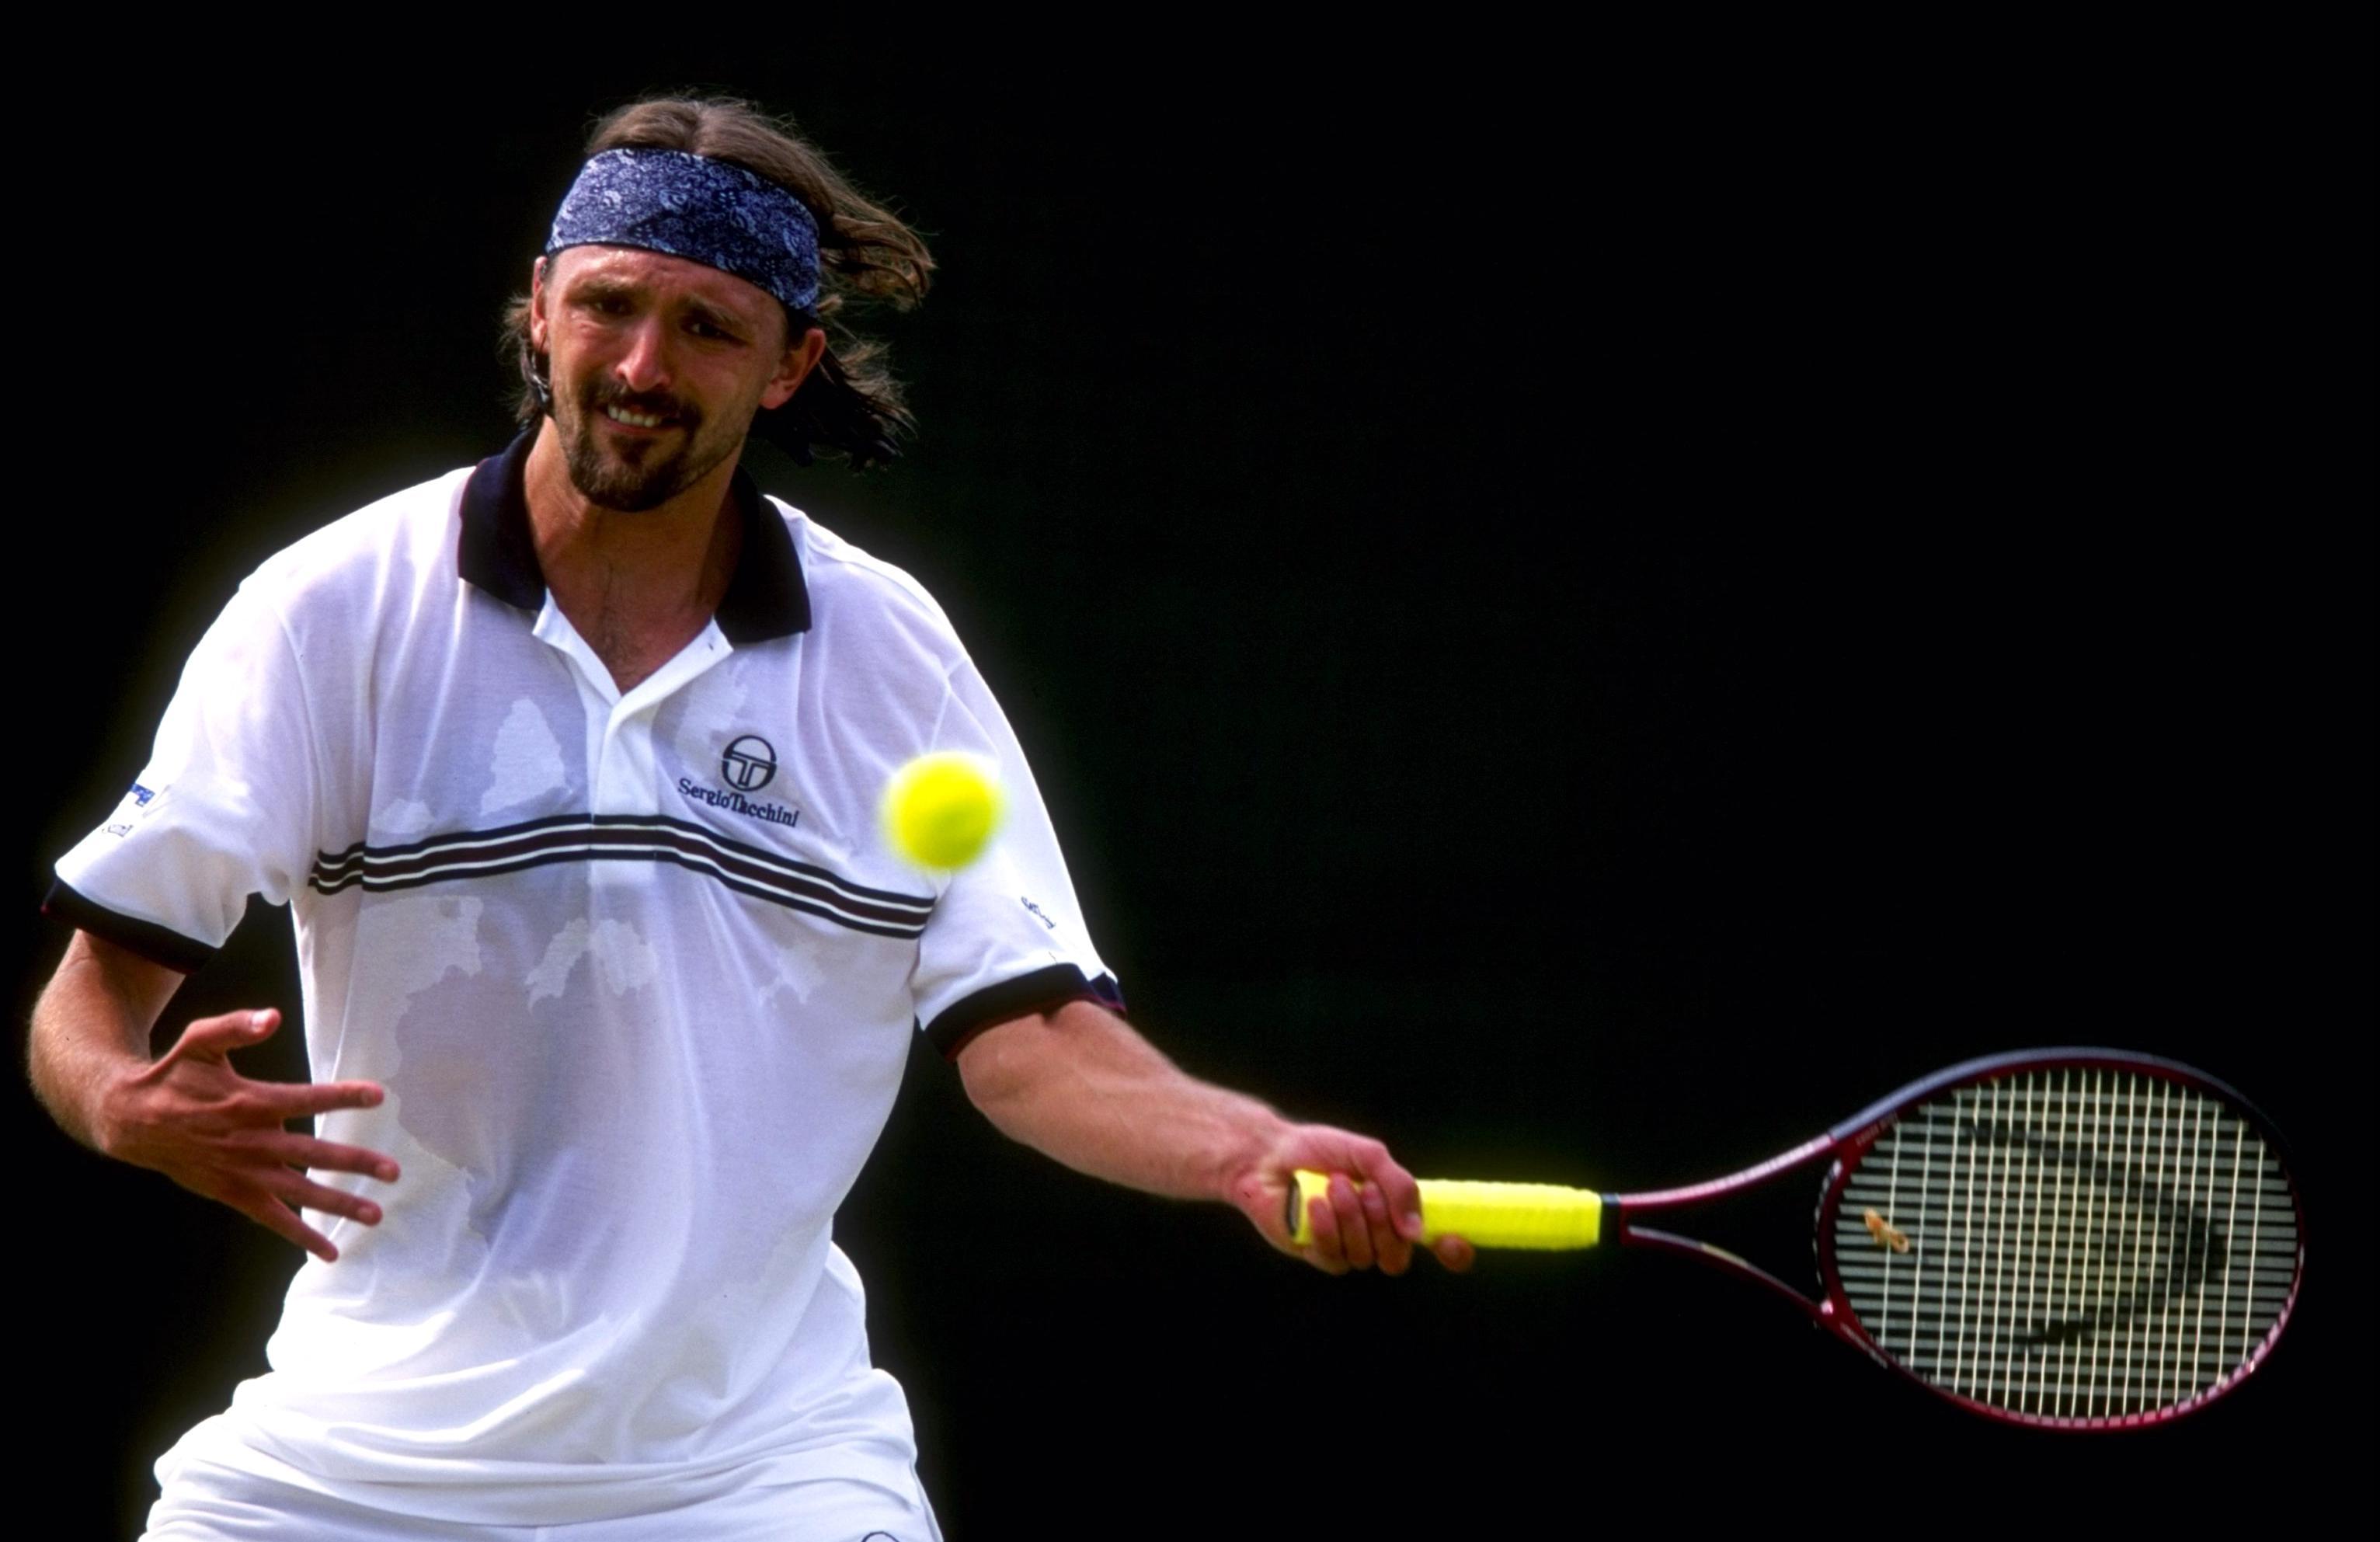 Wimbledon 24/6/1999 Goran Ivanisevic of Croatia ©INPHO/Allsport